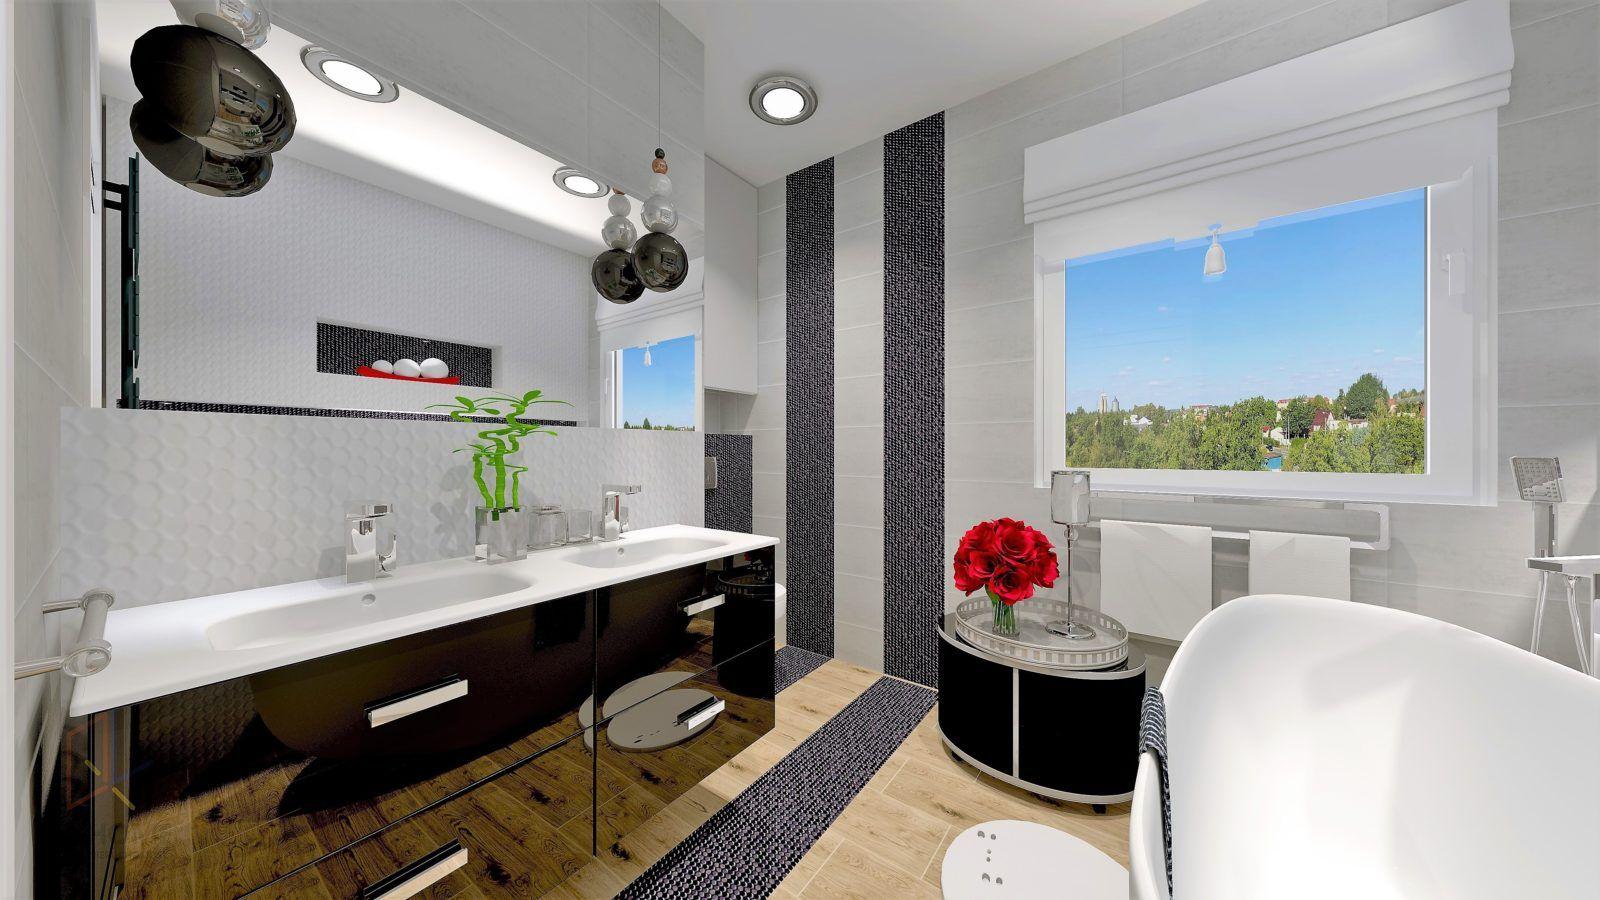 łazienka Z Wanną Wolnostojącą Domowe Spa Aranżacja Wnętrz